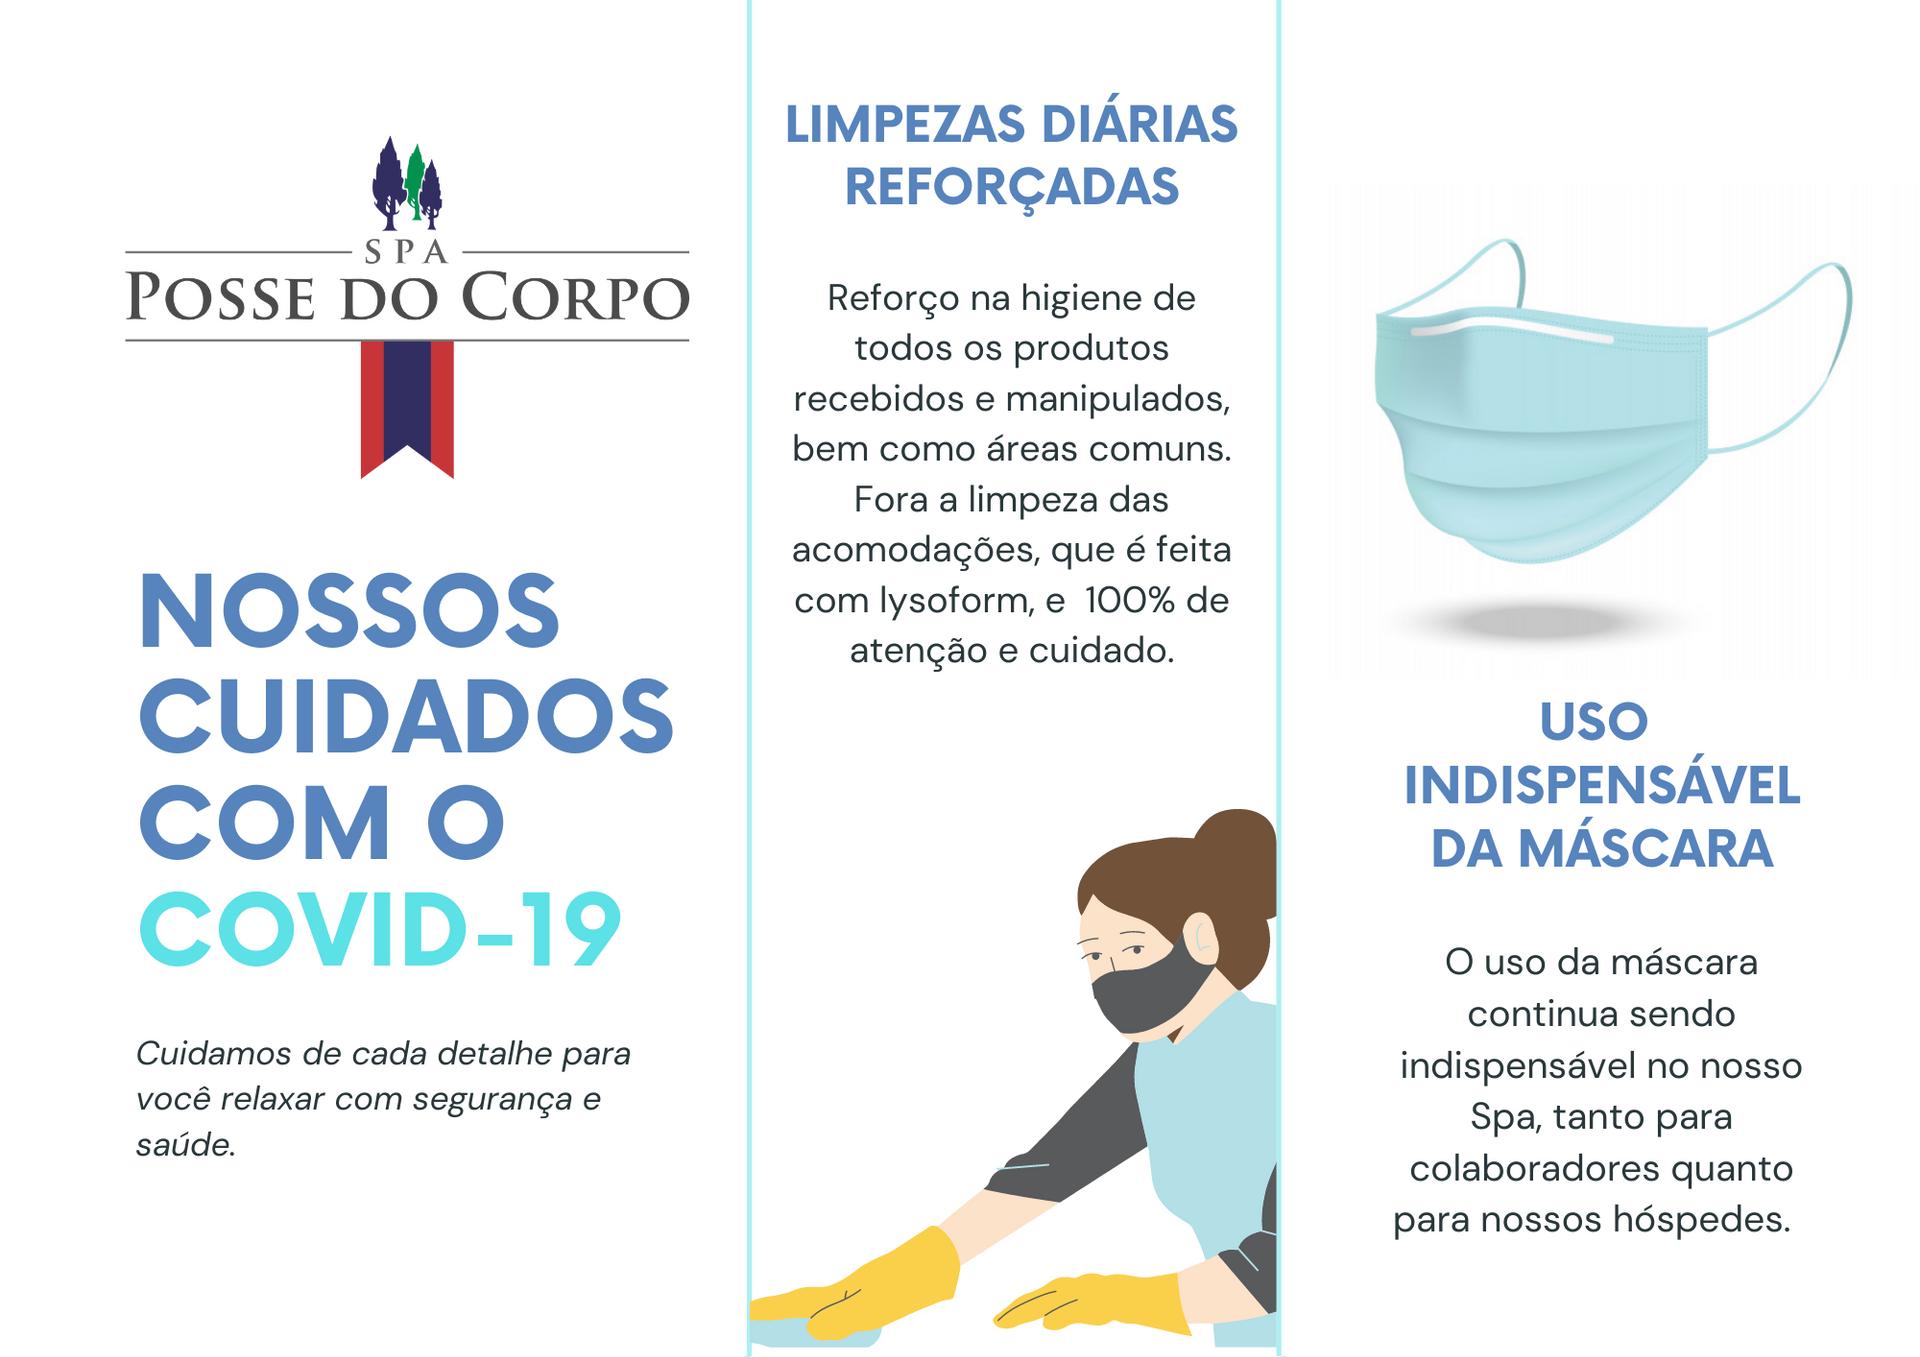 NOSSOS CUIDADOS COM A COVID